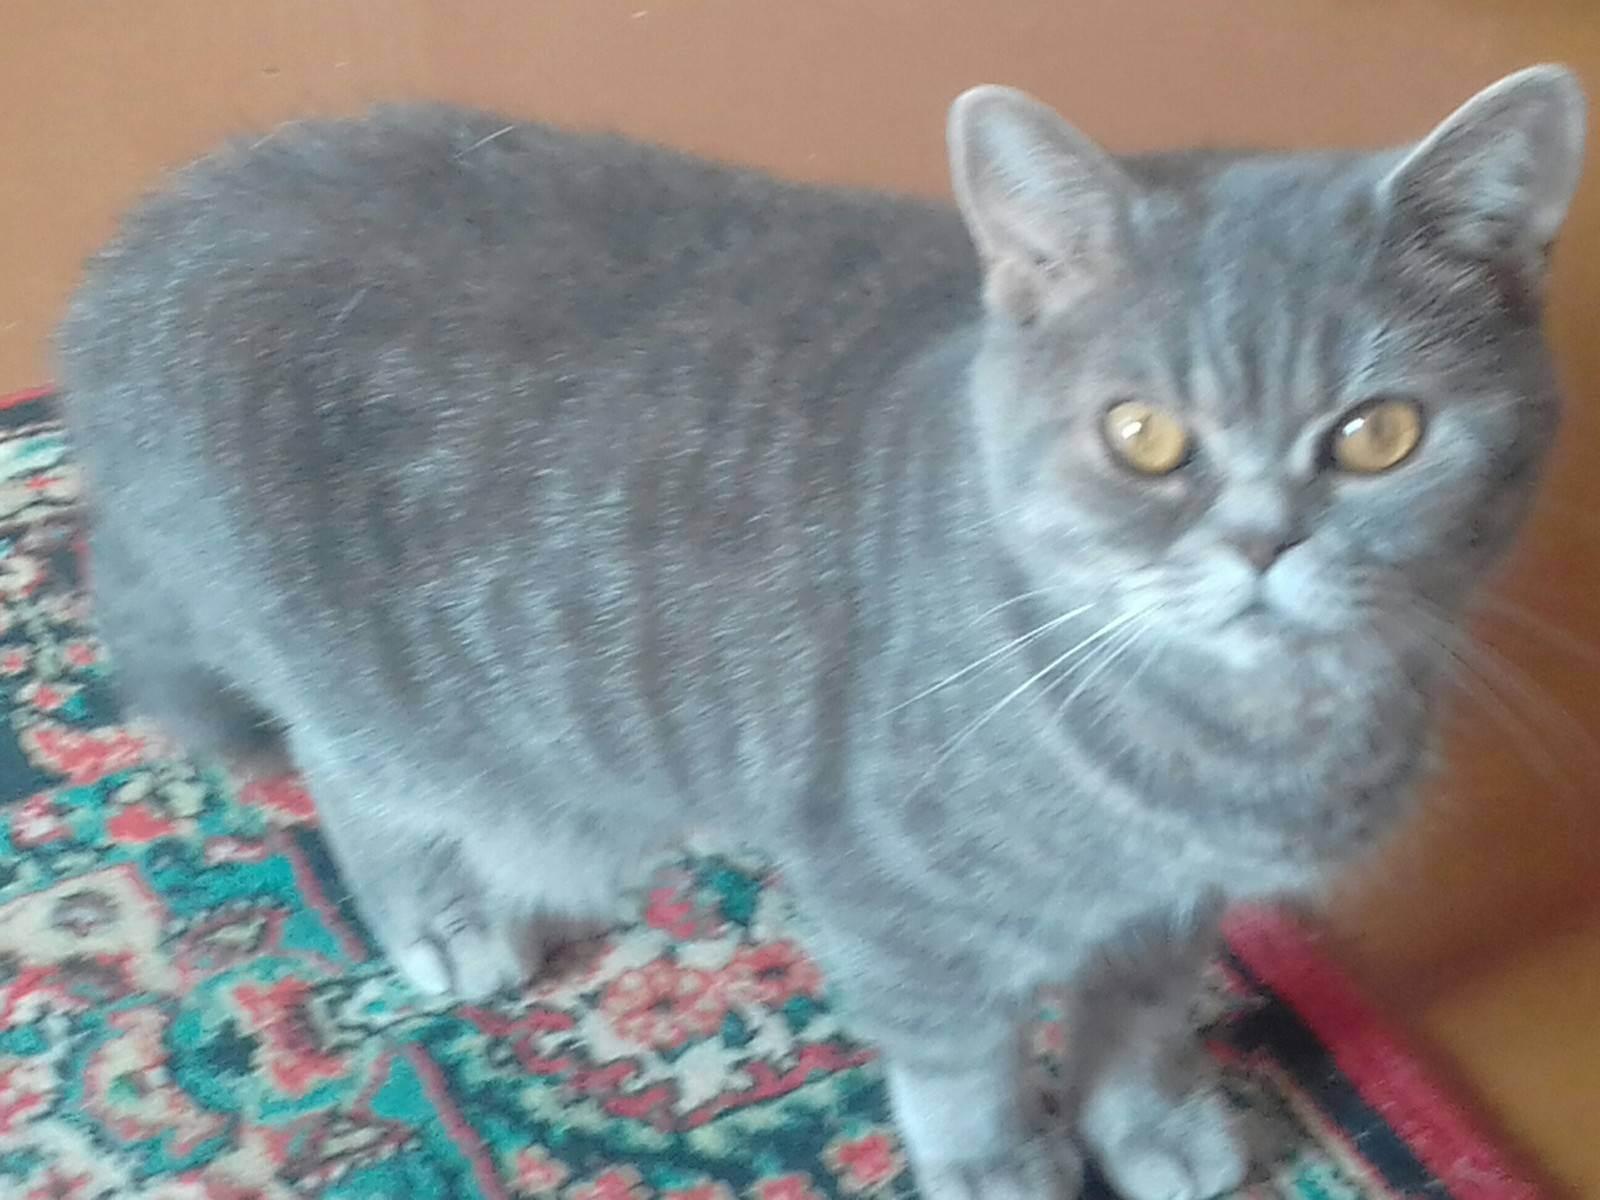 Почему коты и кошки дома постоянно сильно линяют, что делать в домашних условиях: причины и решение проблемы линьки